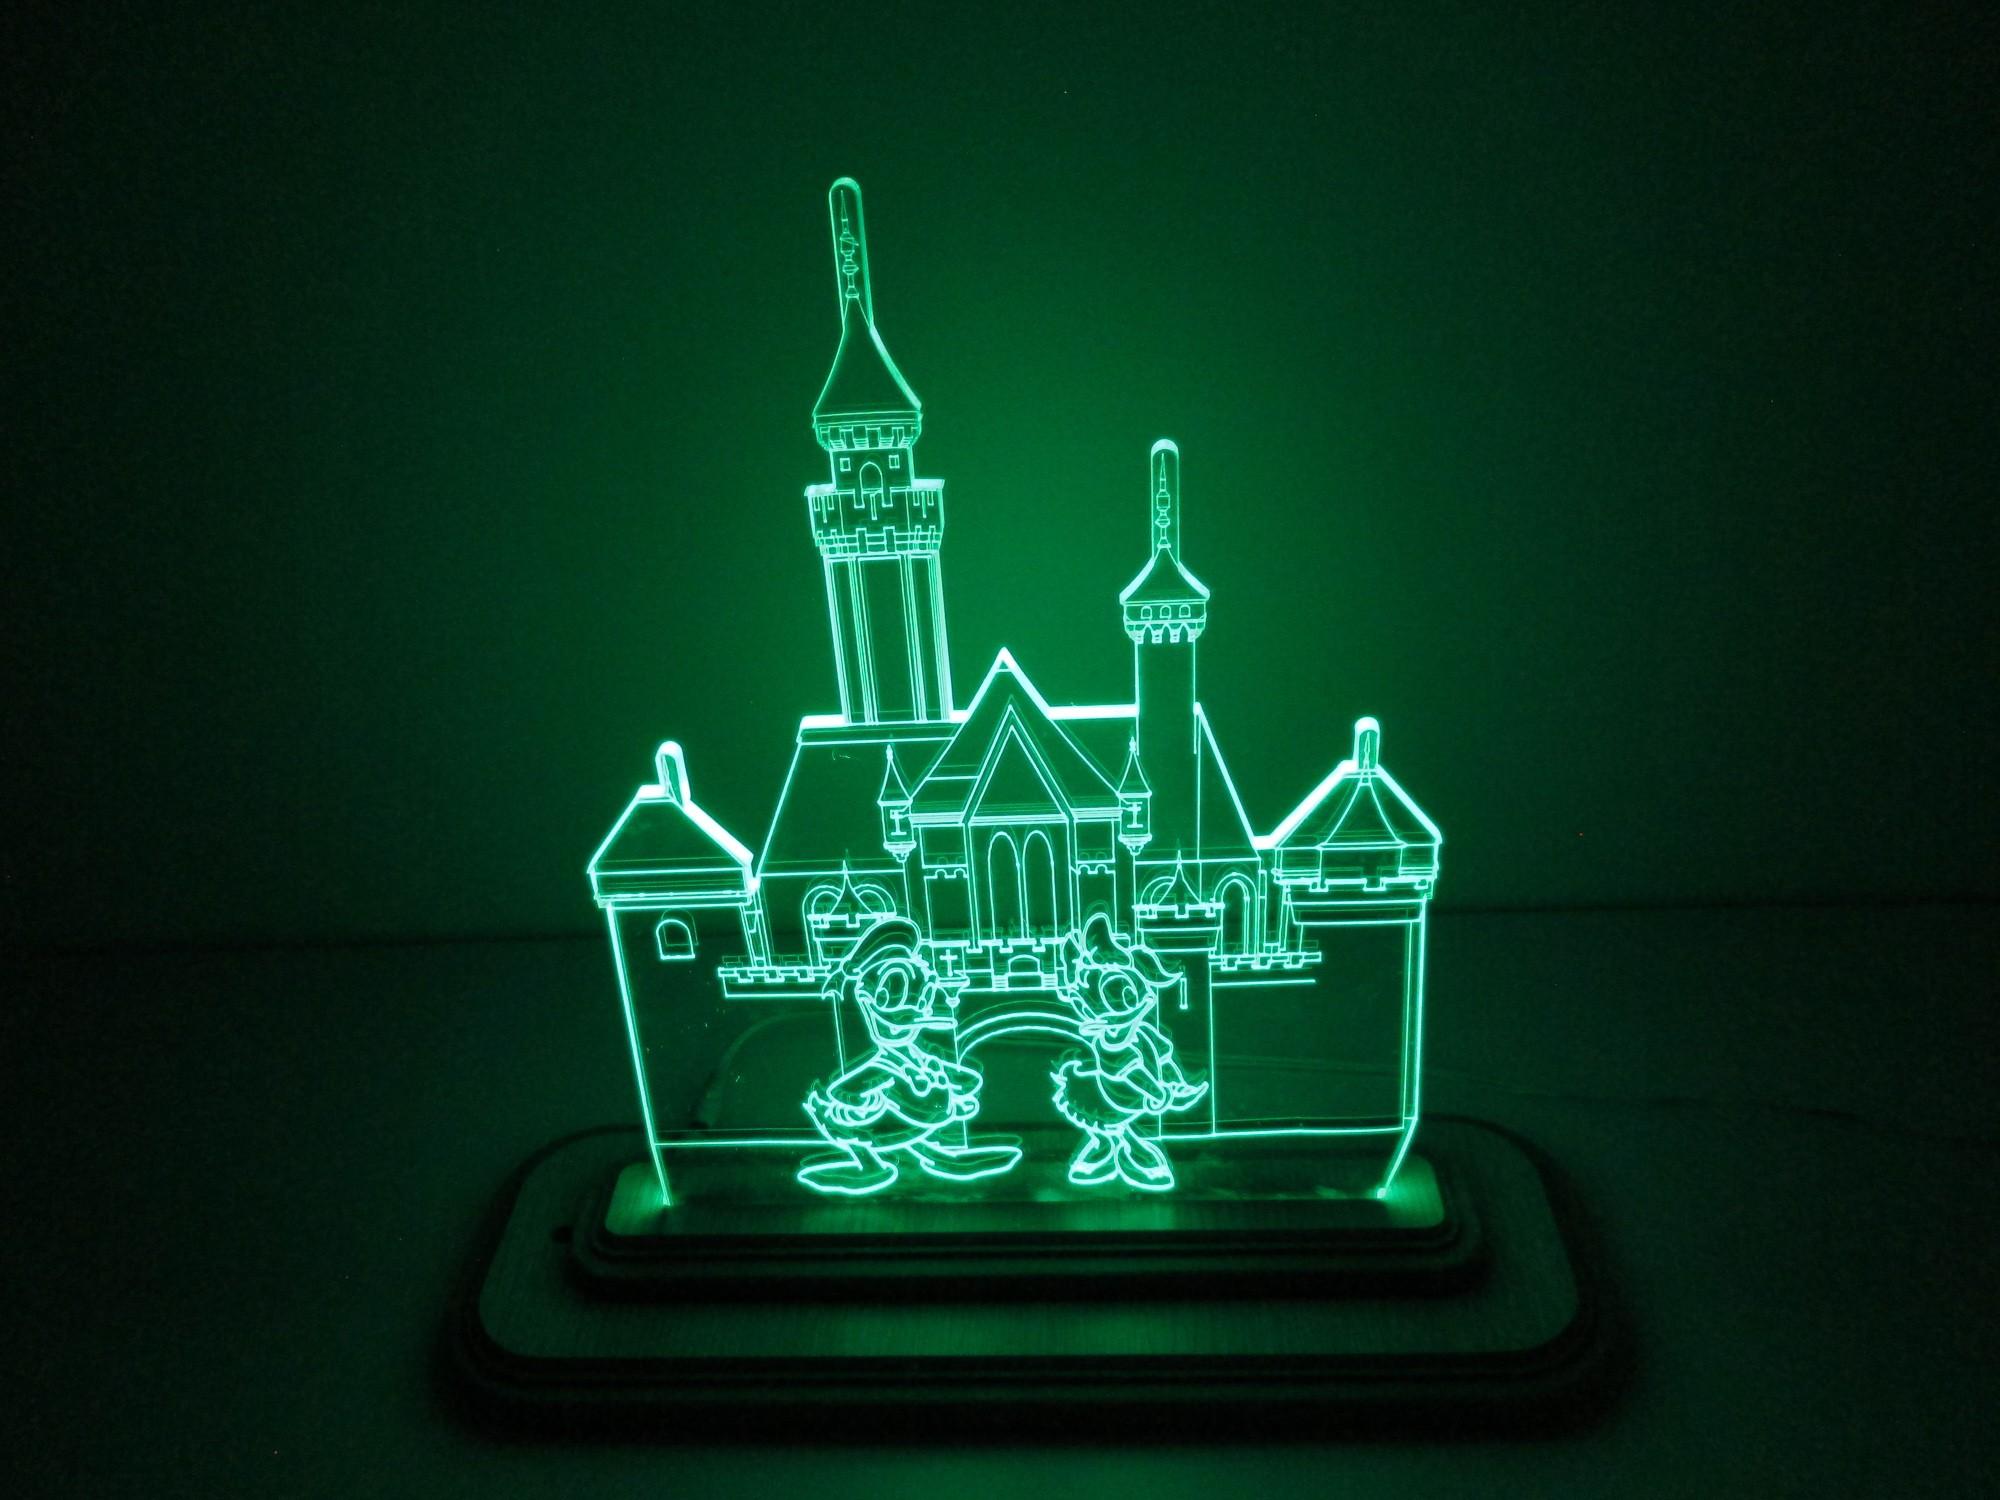 Đèn Led 3D Mô Hình Lâu Đài Vịt Donal, giá tốt nhất 300,000đ! Mua nhanh tay!